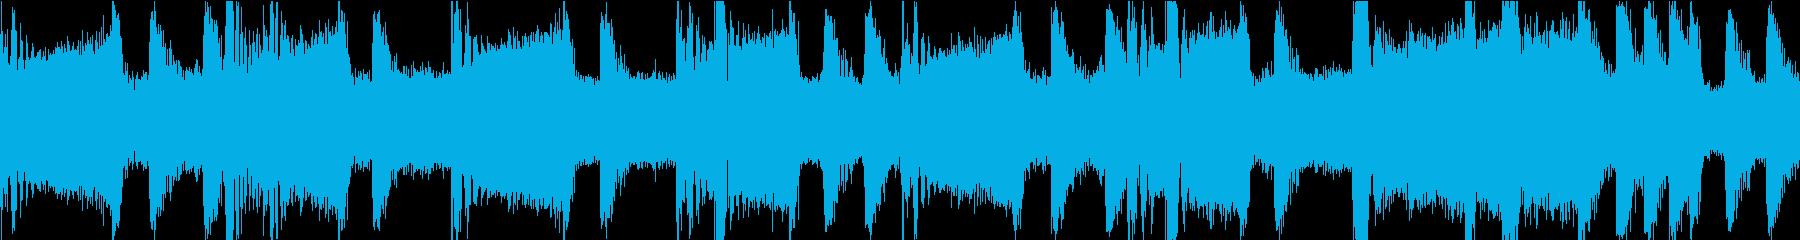 フューチャーベースの再生済みの波形